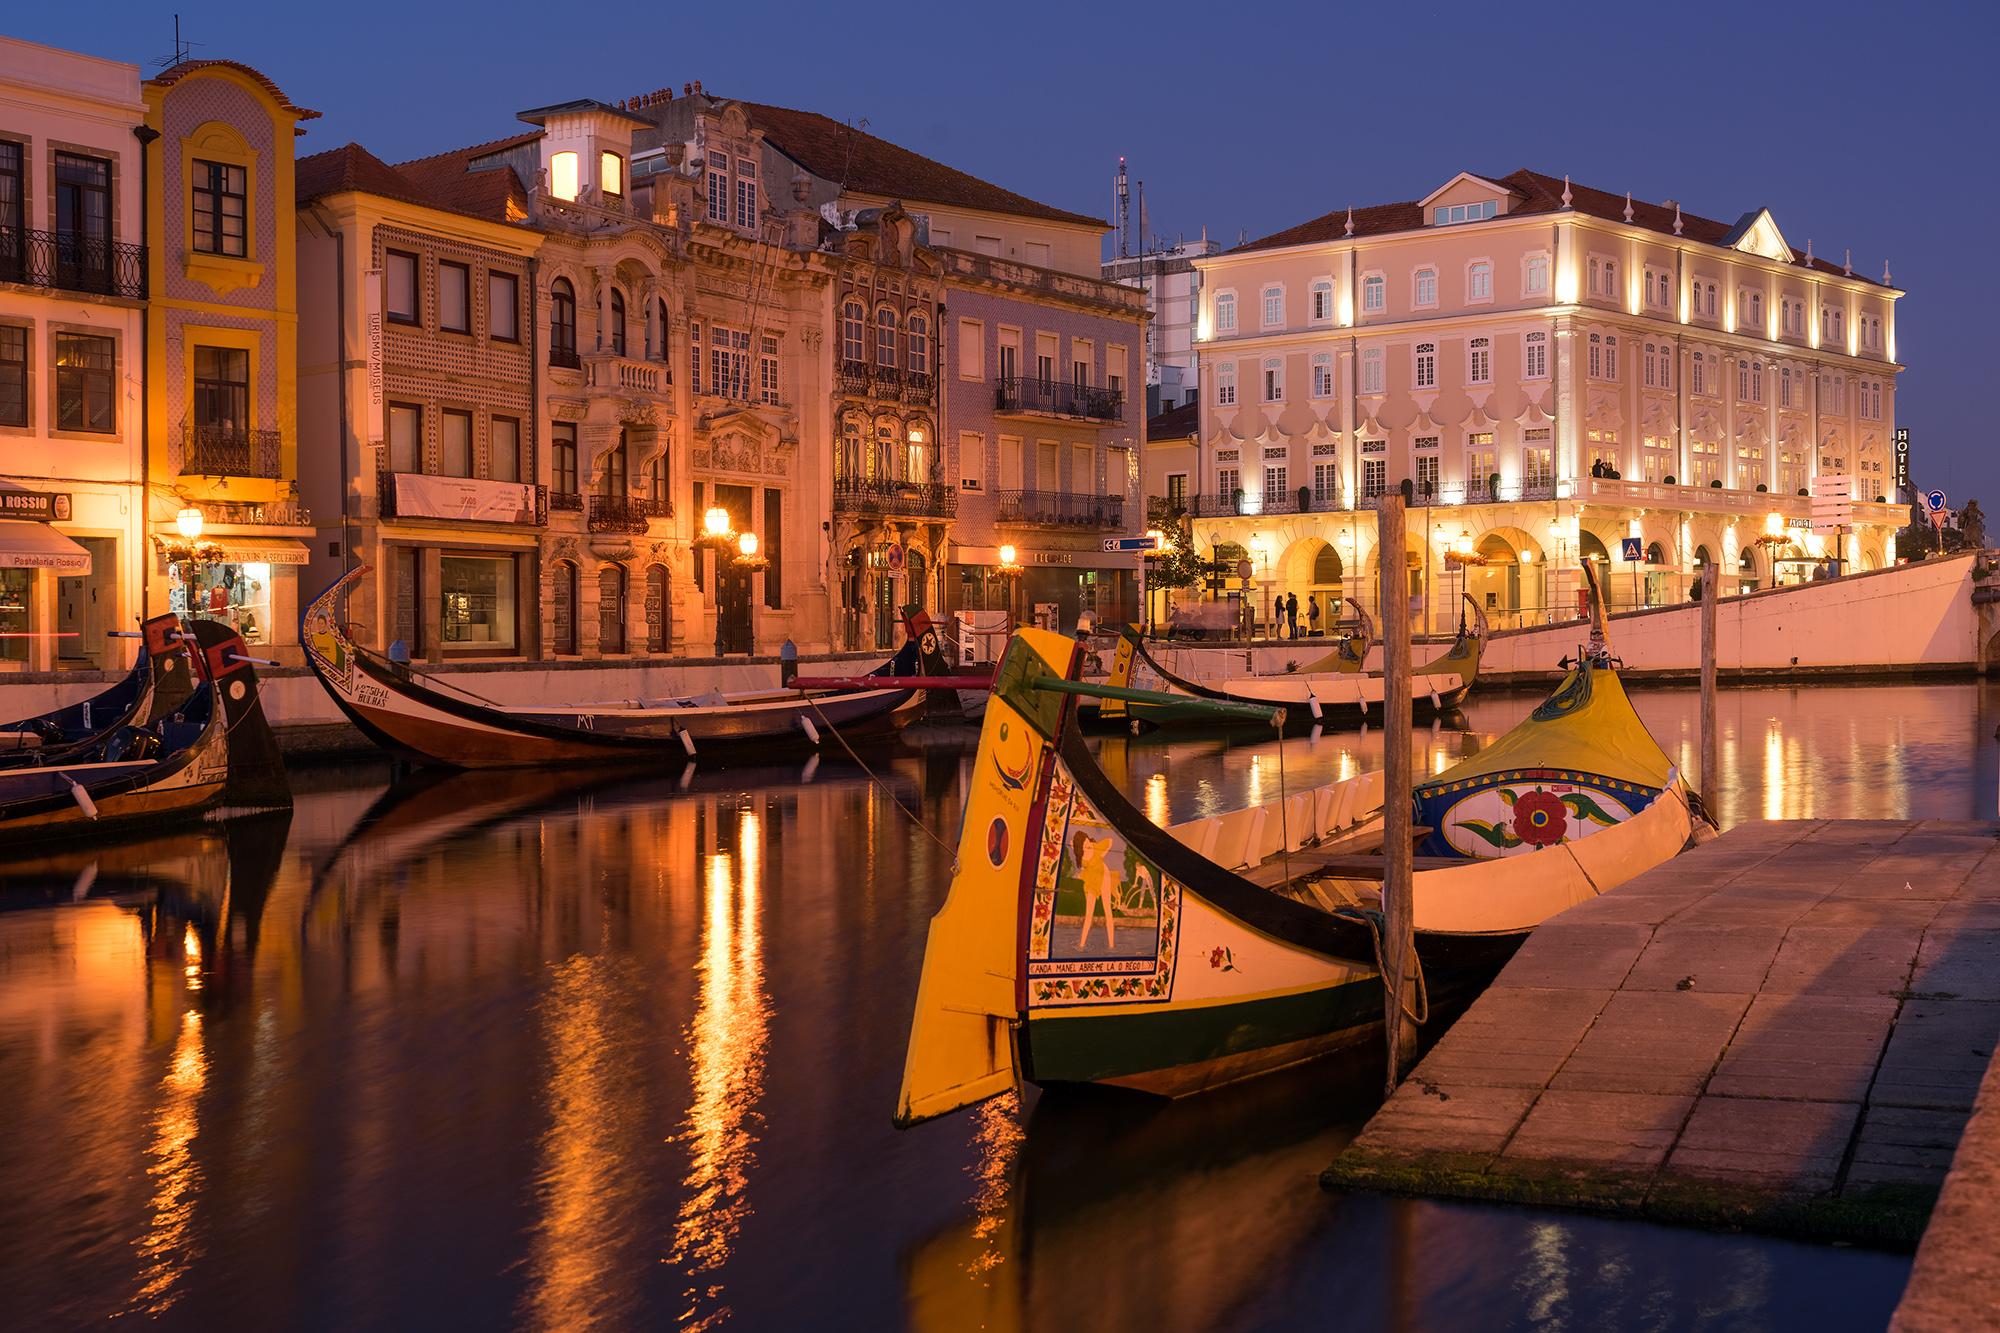 Canal Central de Aveiro iluminado de noche con los barcos moliceiros 1